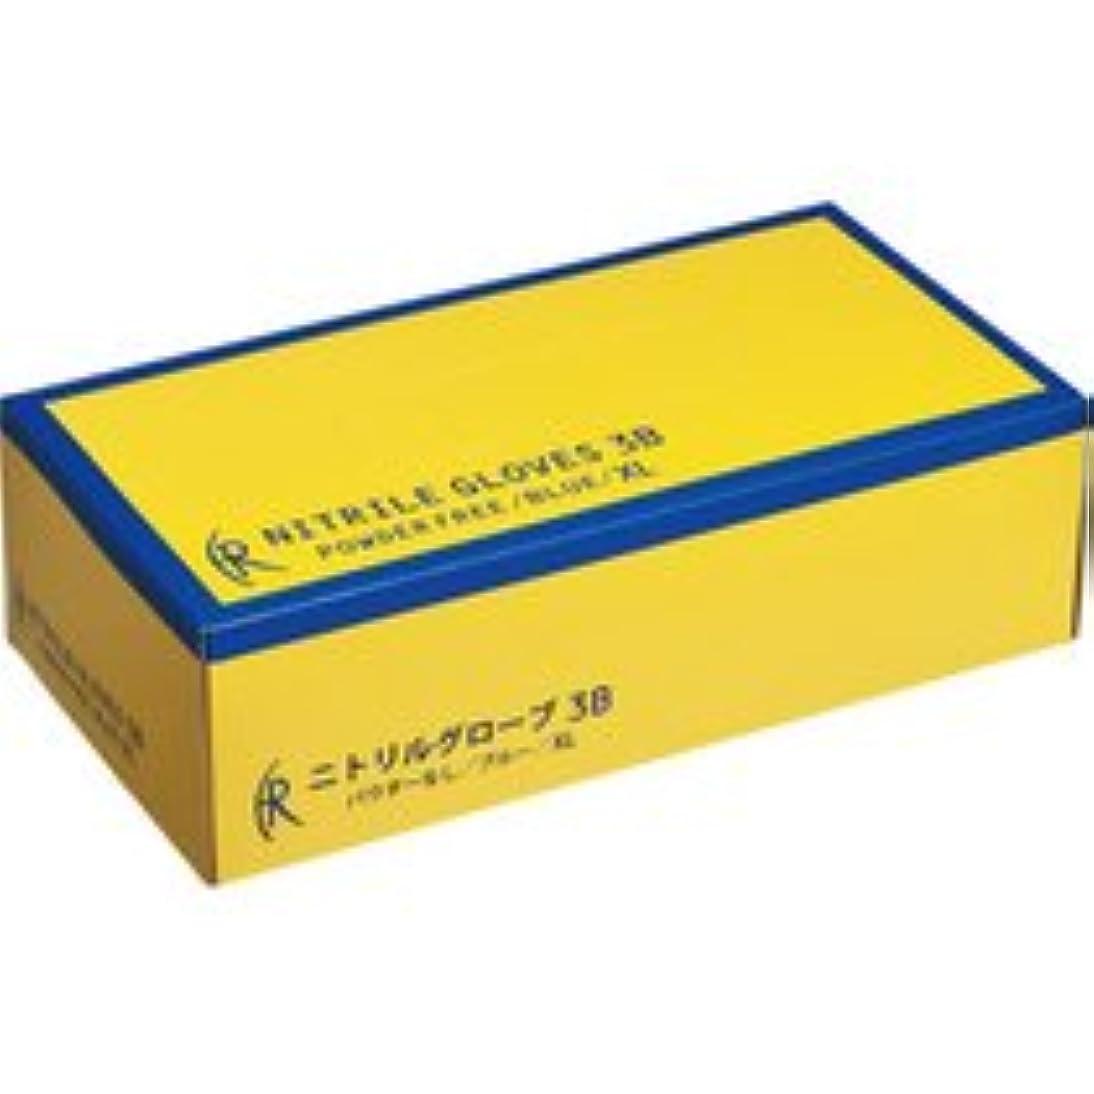 悲観主義者嵐の中傷ファーストレイト ニトリルグローブ3B パウダーフリー XL FR-5664 1セット(2000枚:200枚×10箱)